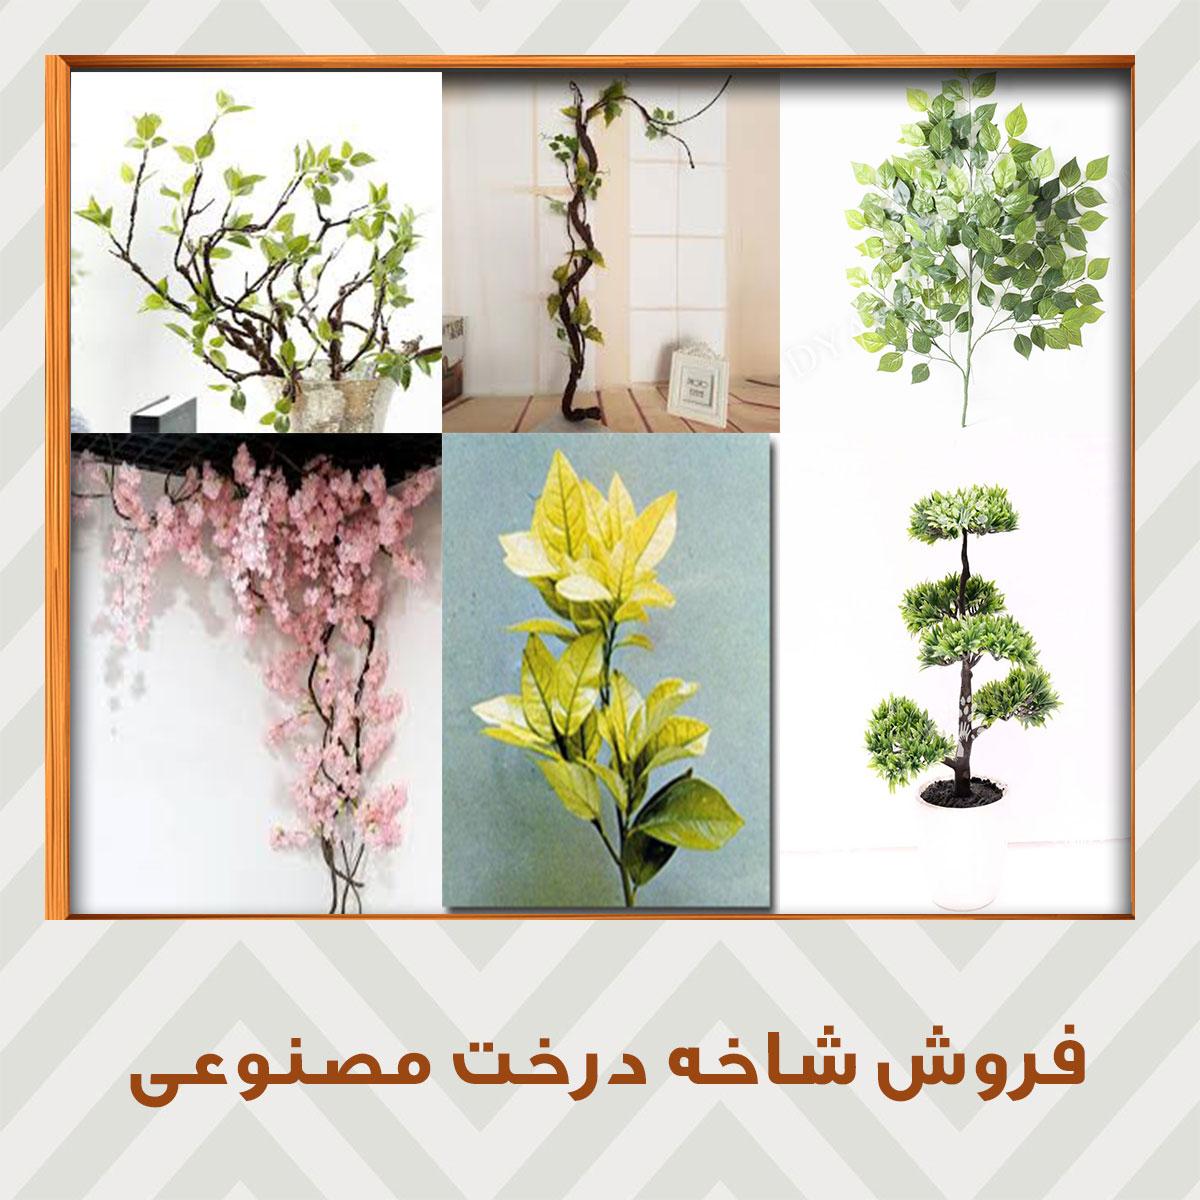 فروش عمده شاخه درخت مصنوعی به صورت عمده قابل عرضه به سراسر کشور